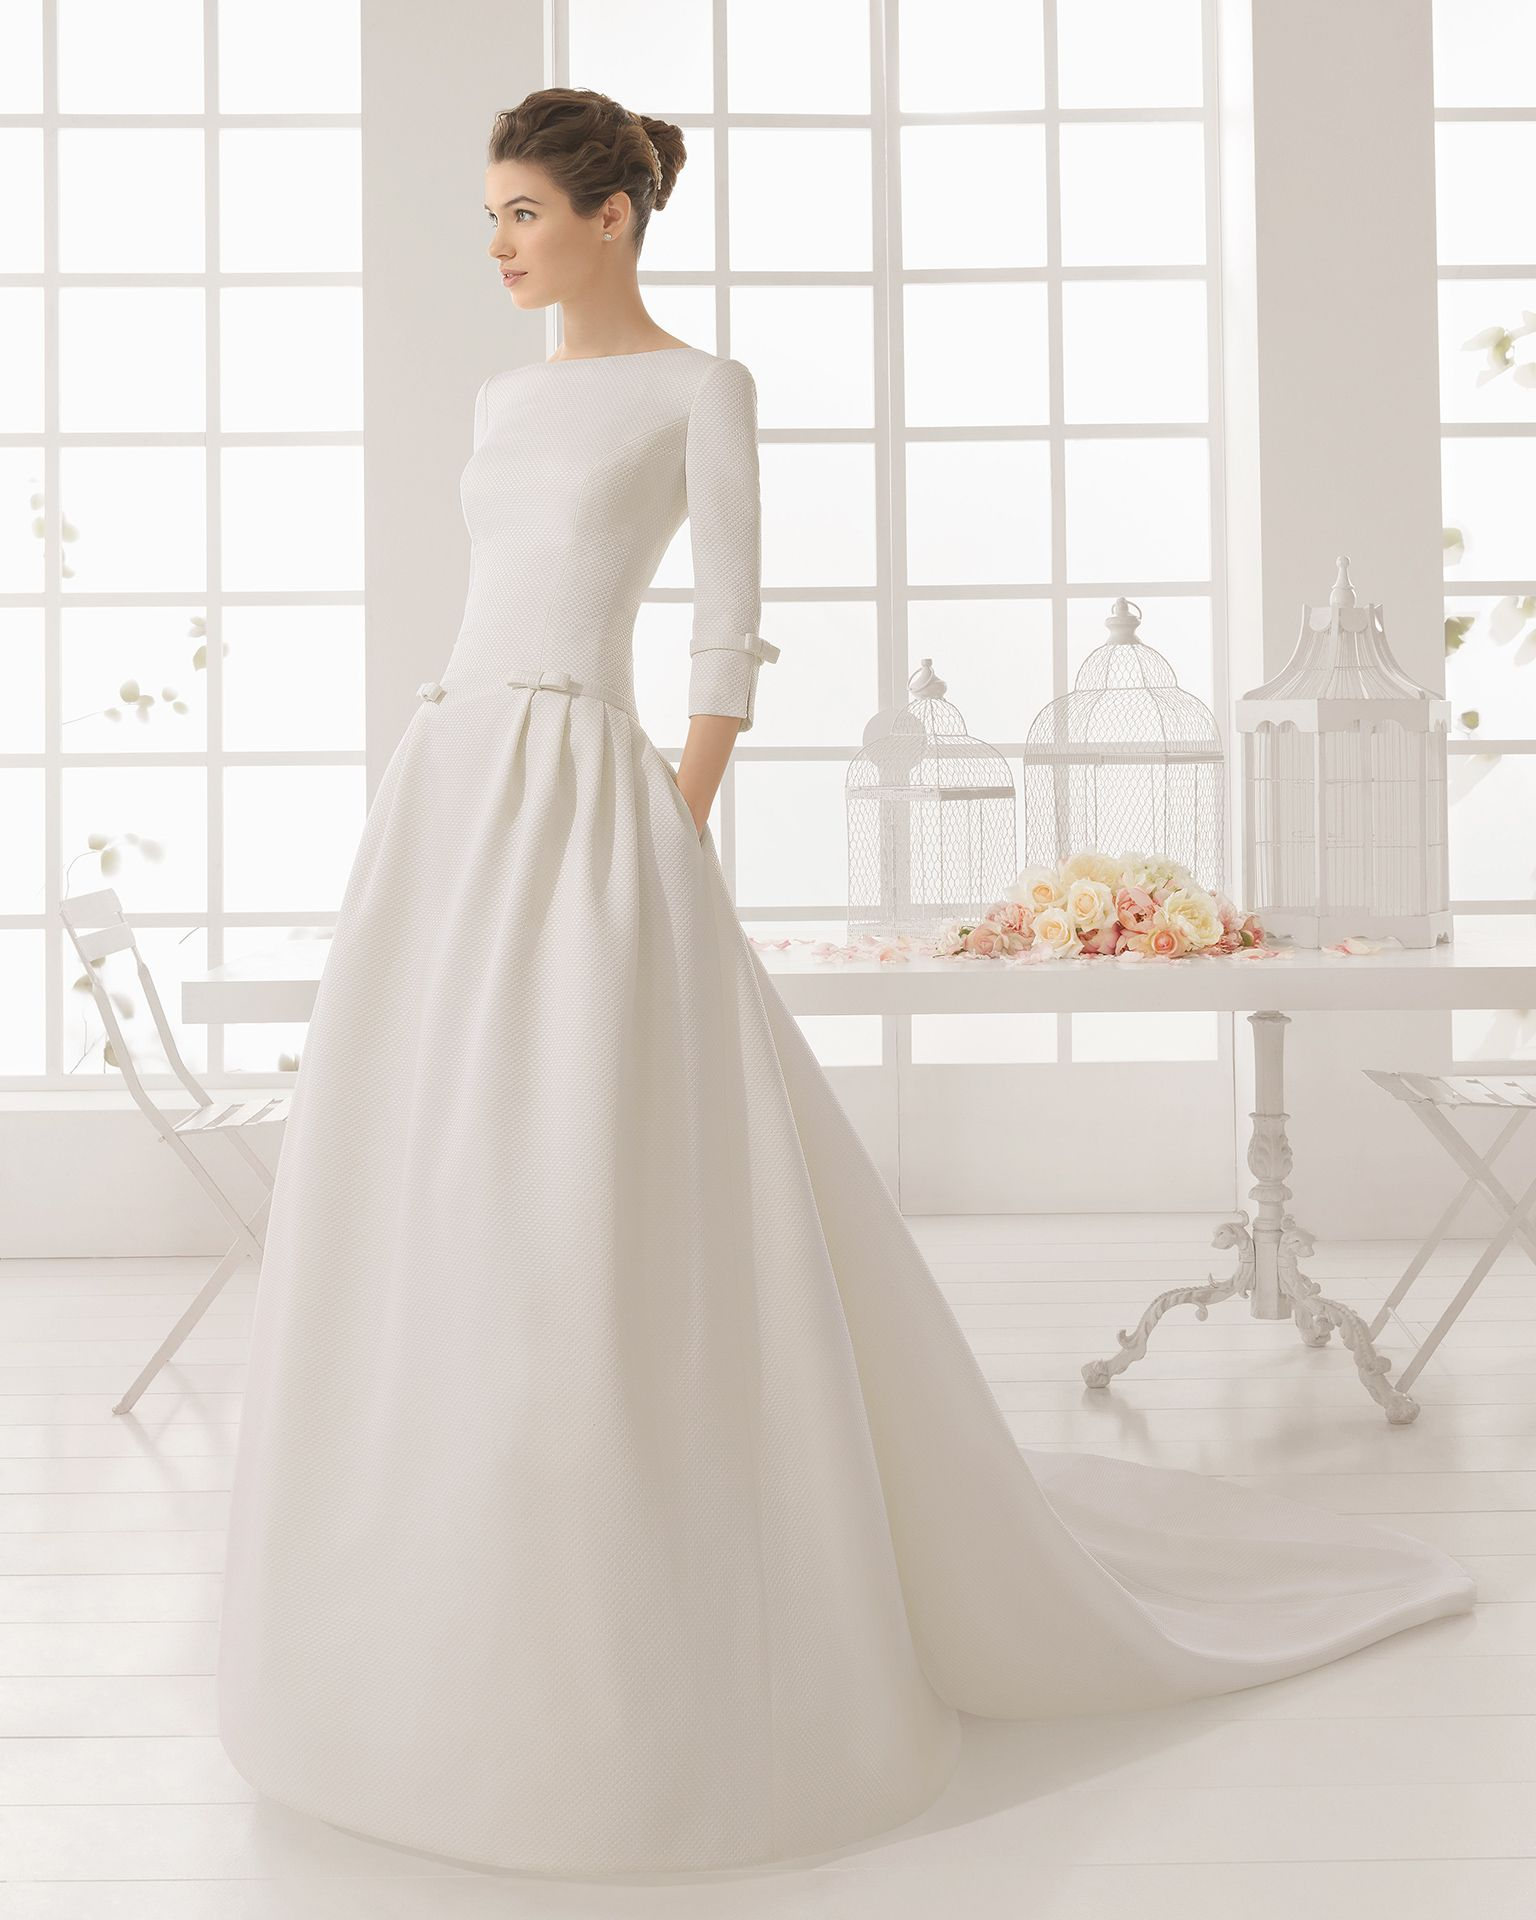 Minimalistische Hochzeitskleider 2016: Einfach und schick in\'s neue ...